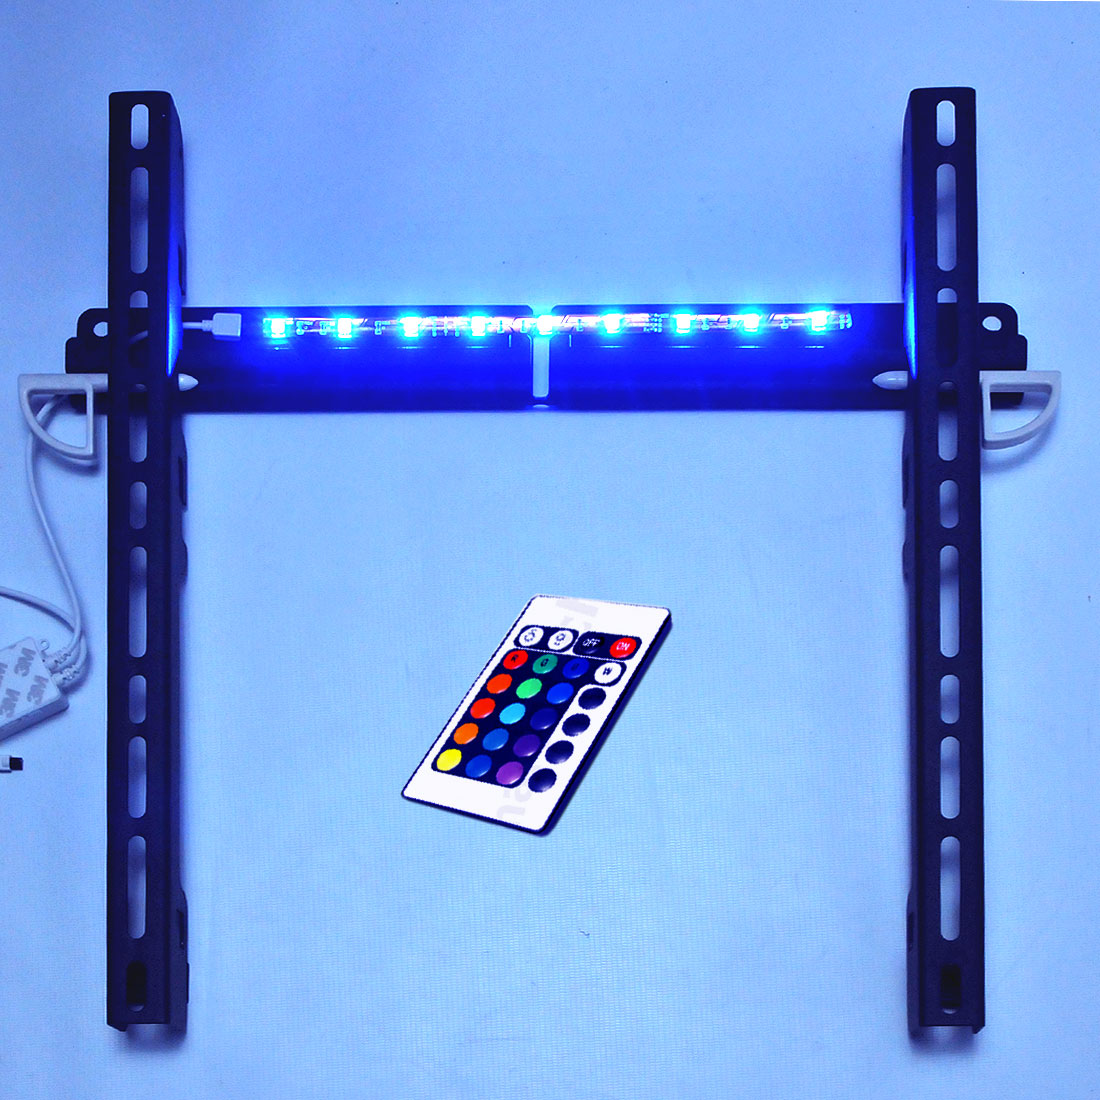 Slim wandhalterung mit beleuchtung und fb f r alle tv bis - Tv wandhalterung 75 zoll ...